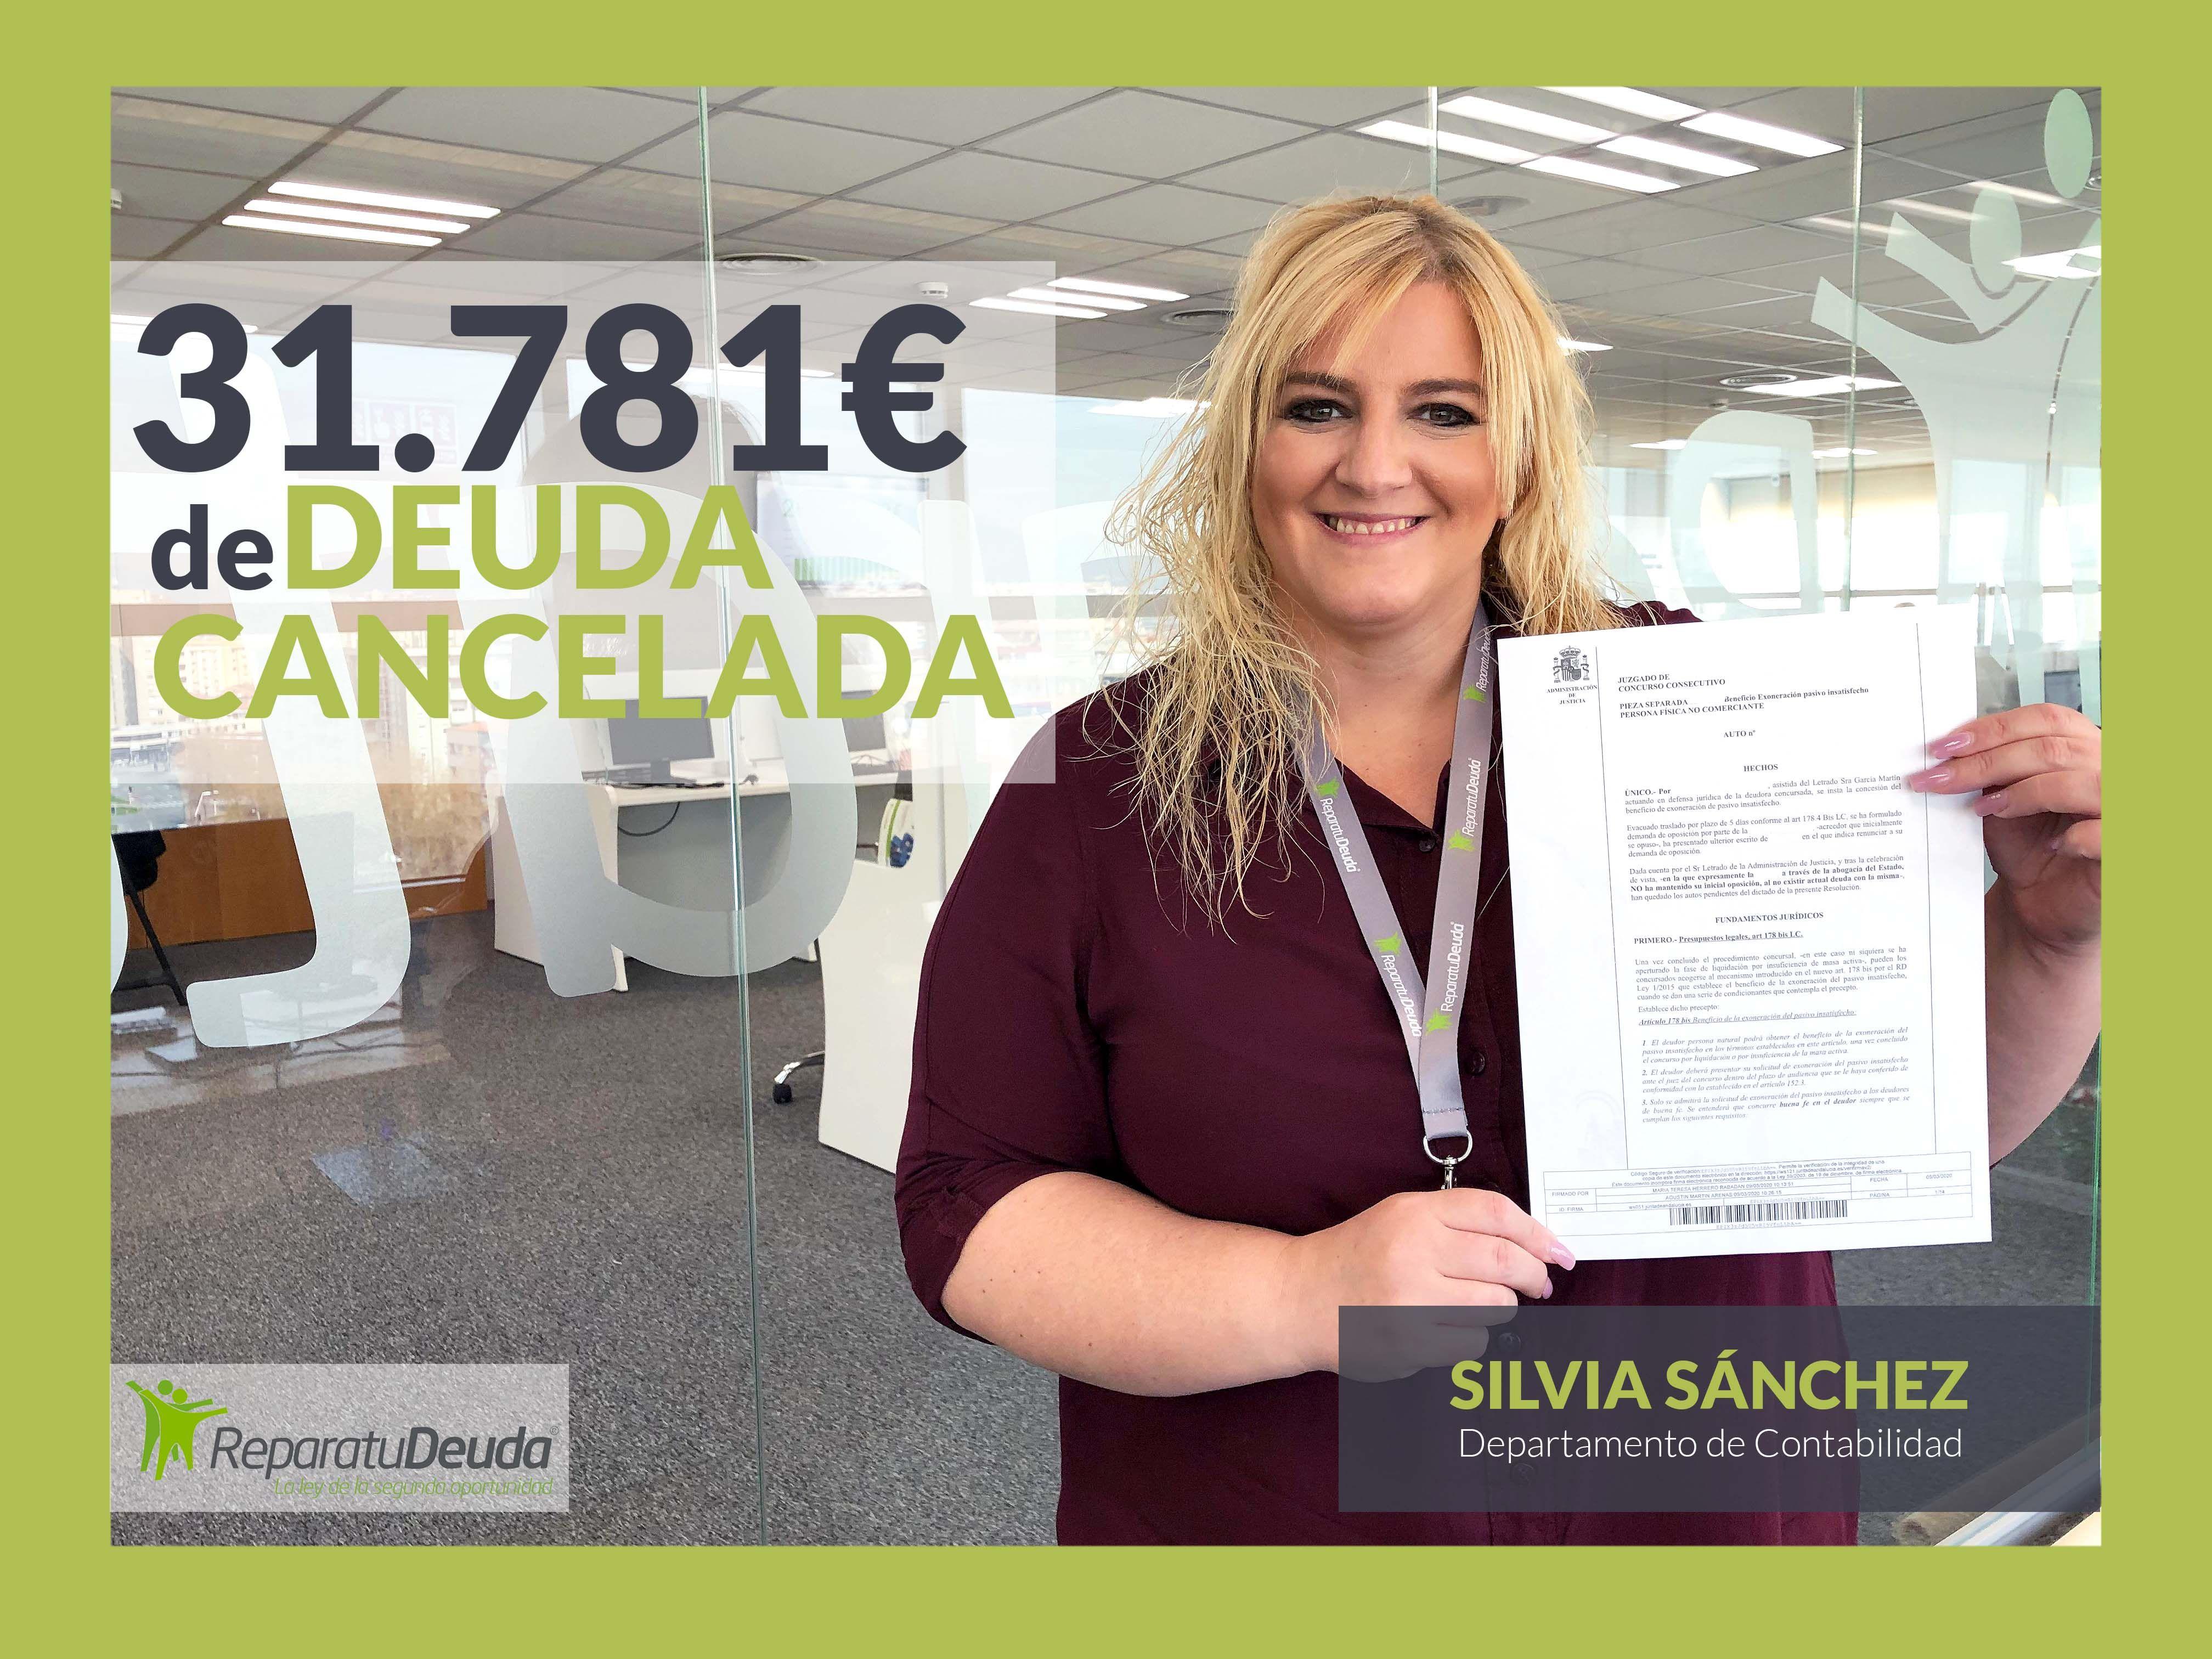 Foto de Silvia Sanchez del equipo de Repara tu deuda abogados